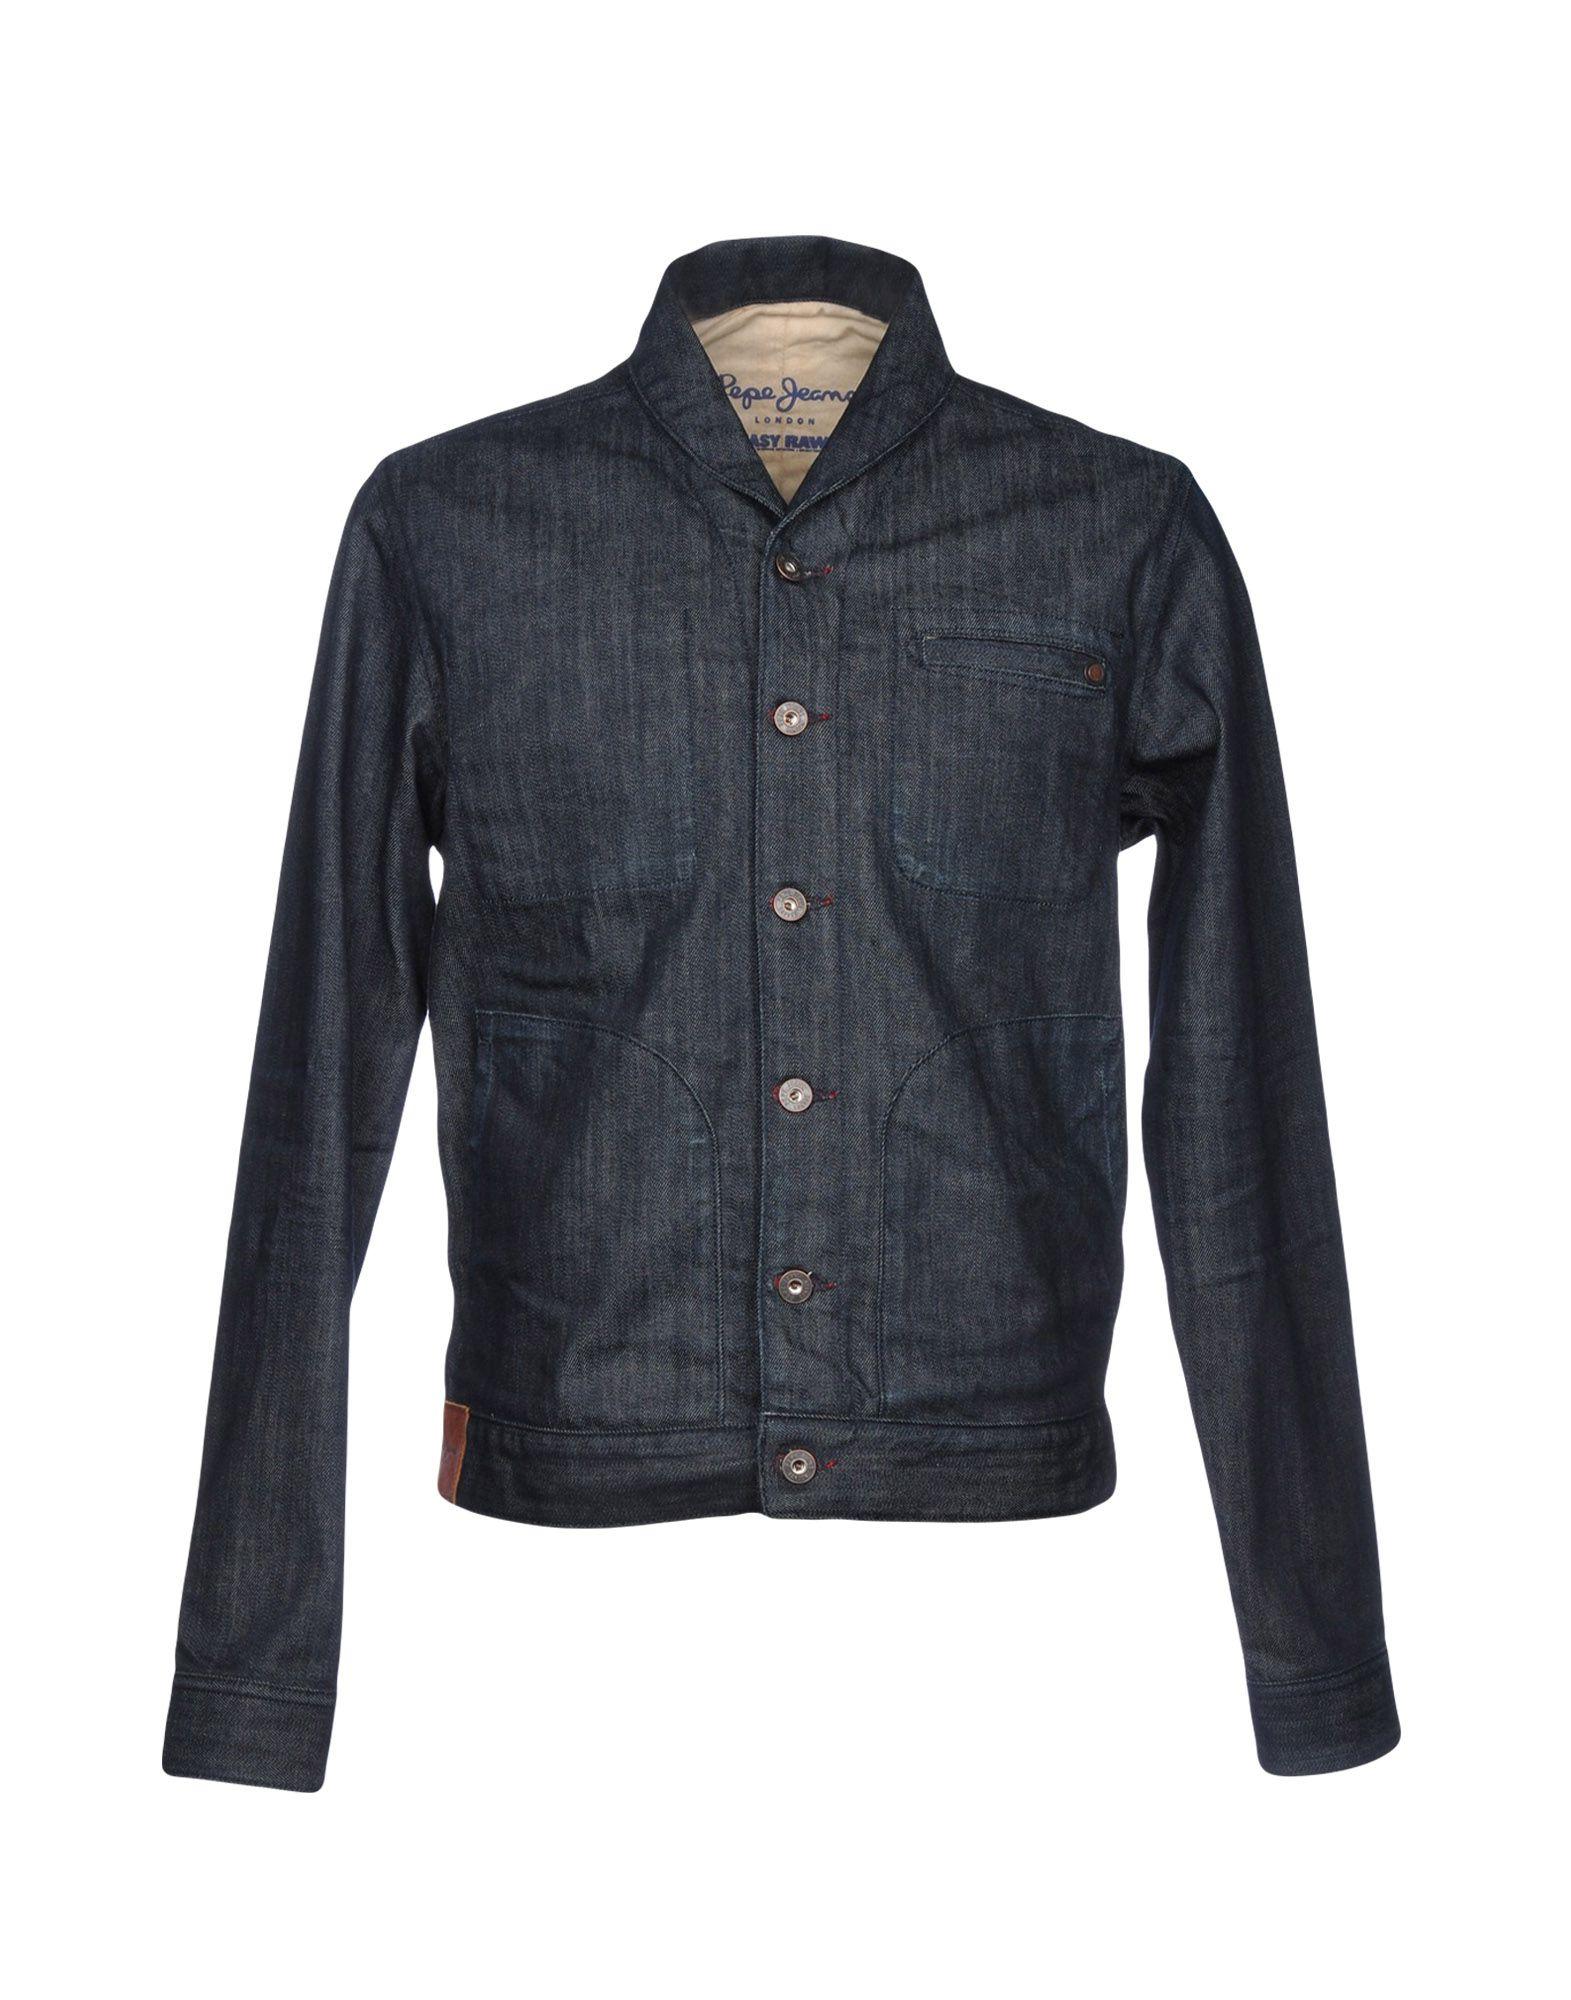 PEPE JEANS Джинсовая верхняя одежда folk джинсовая верхняя одежда